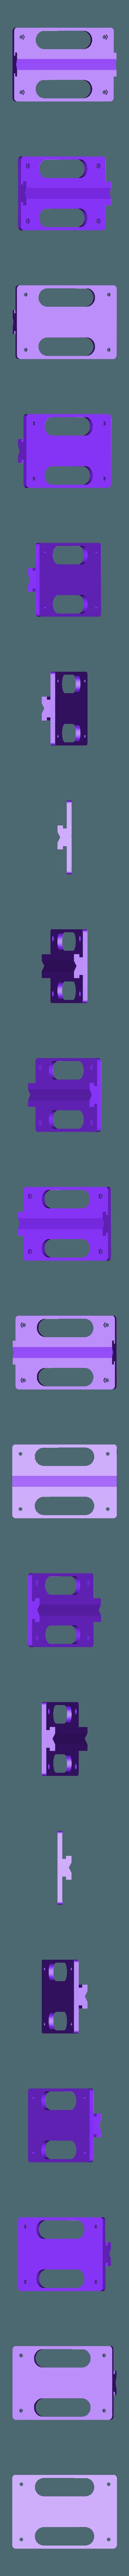 Base_v4.stl Télécharger fichier STL gratuit Porte-bobine à centre ajustable • Design pour imprimante 3D, jonbourg